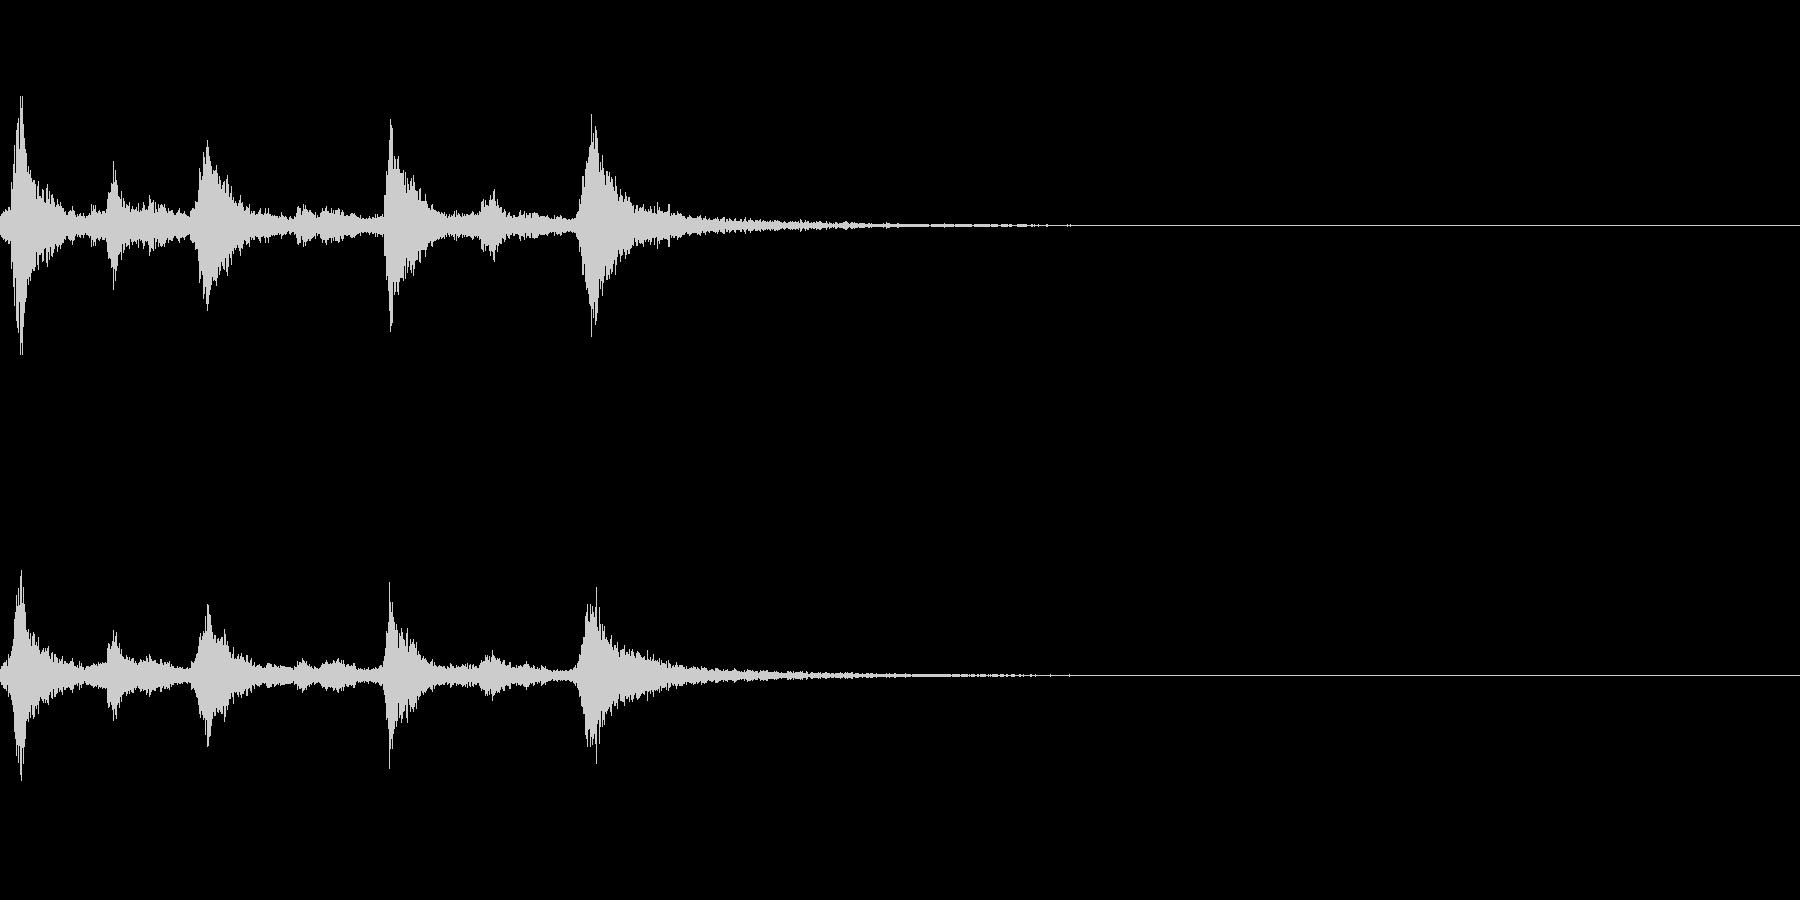 クリスマスのベル、鈴の効果音 ロゴ06の未再生の波形